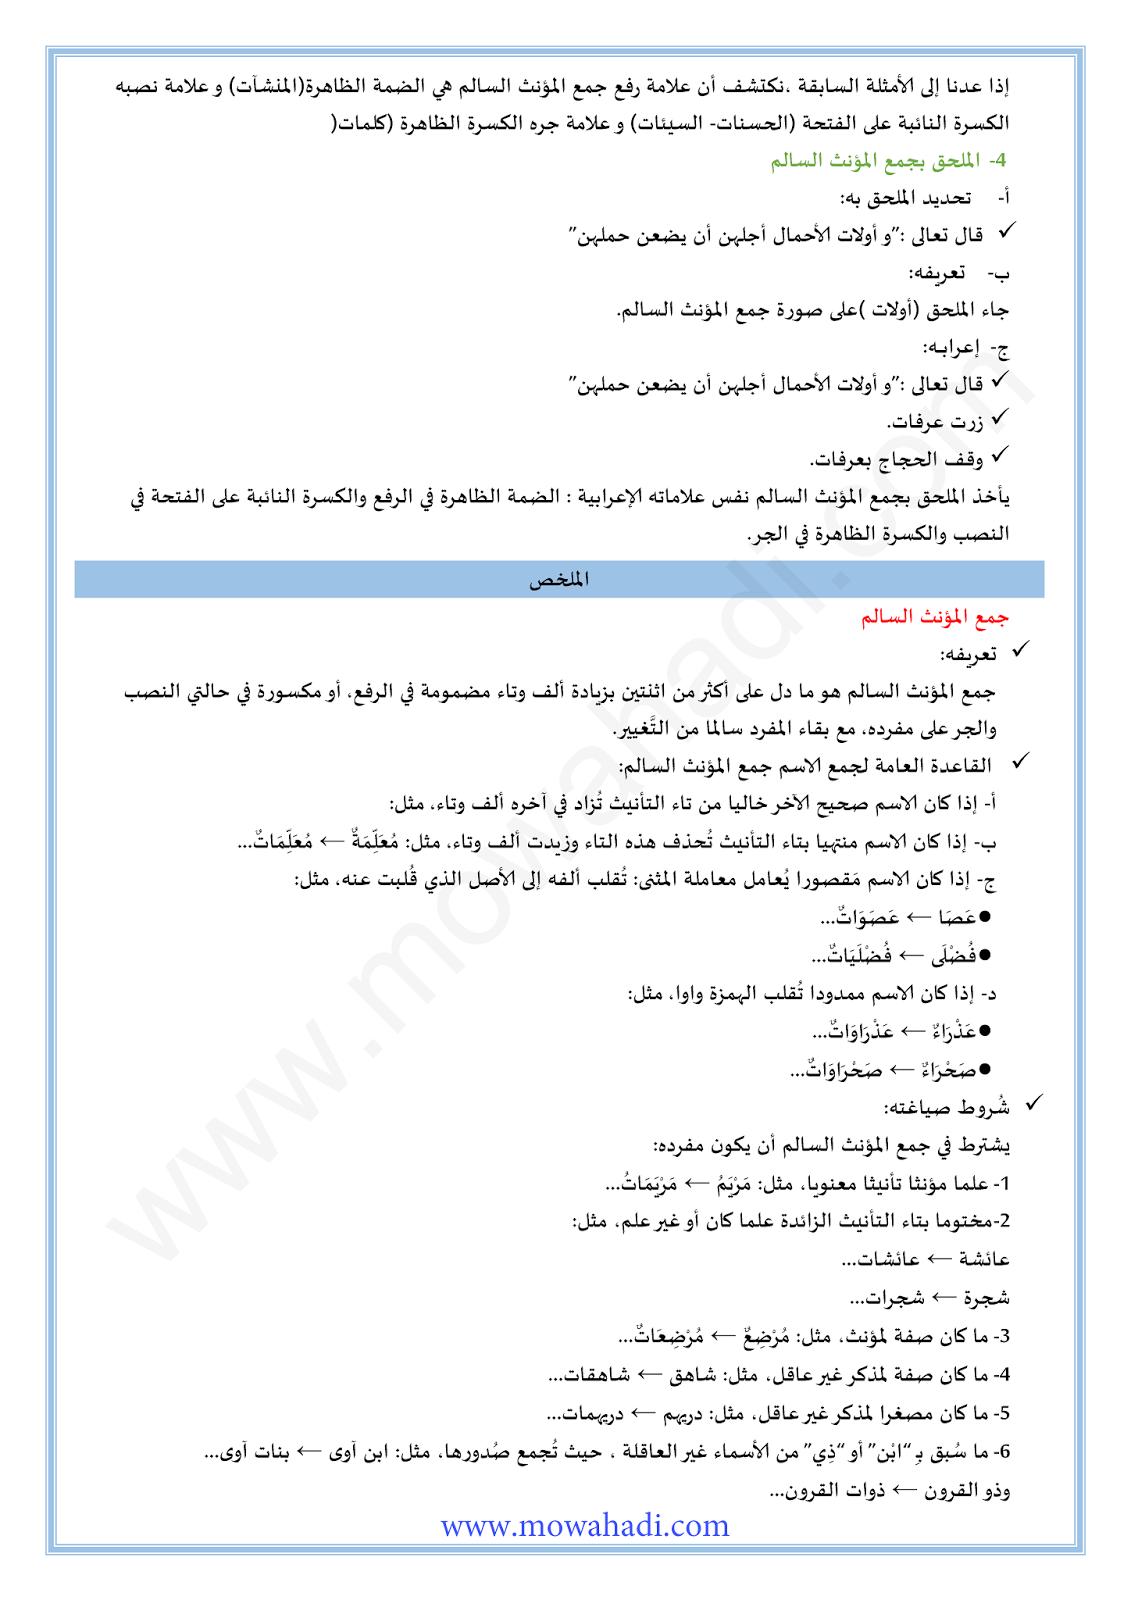 صوغ جمع المؤنث السالم و إعرابه-2